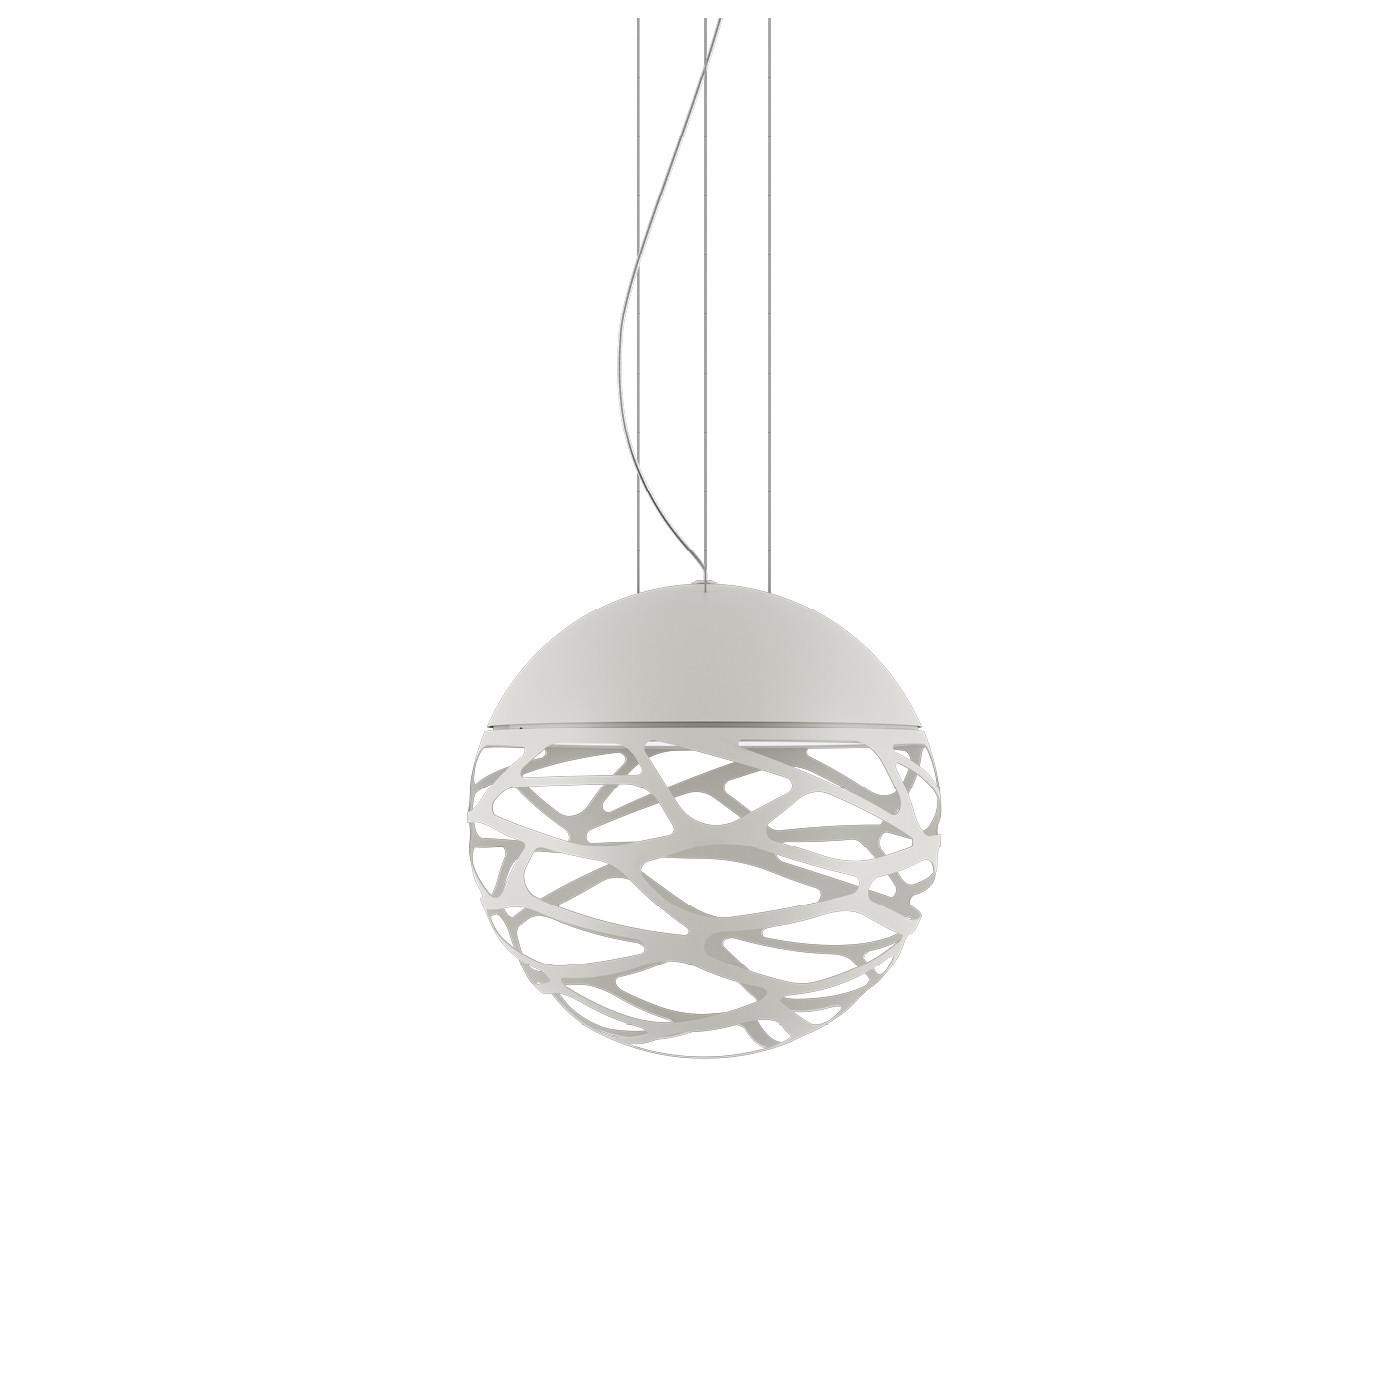 Studio Italia Design Kelly Small Sphere 40